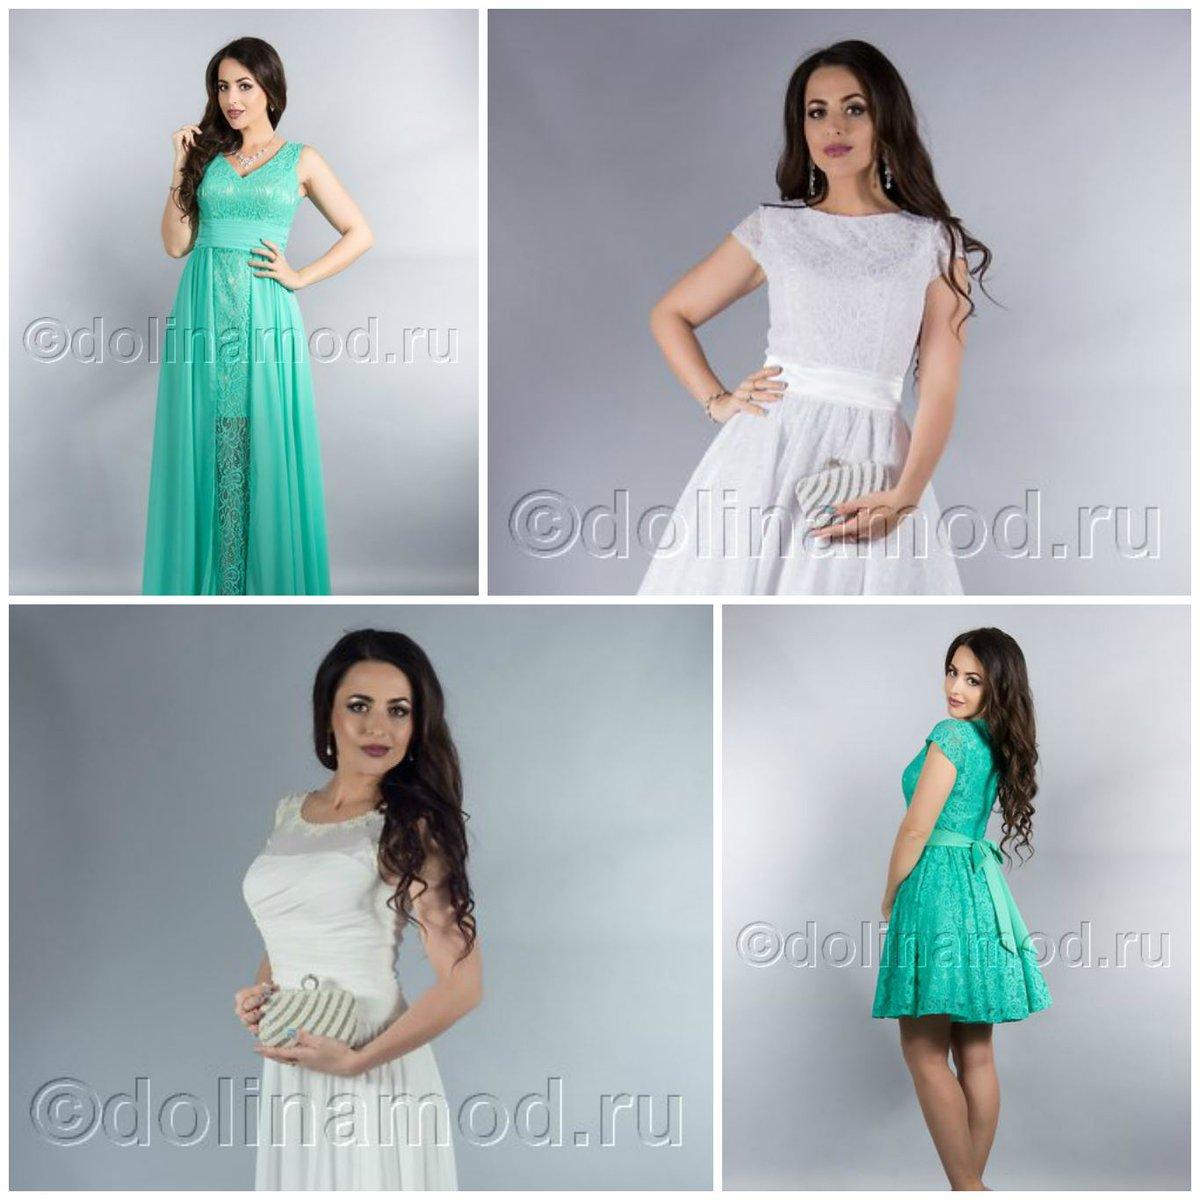 вечерние платья для полных женщин на свадьбу к дочери купить